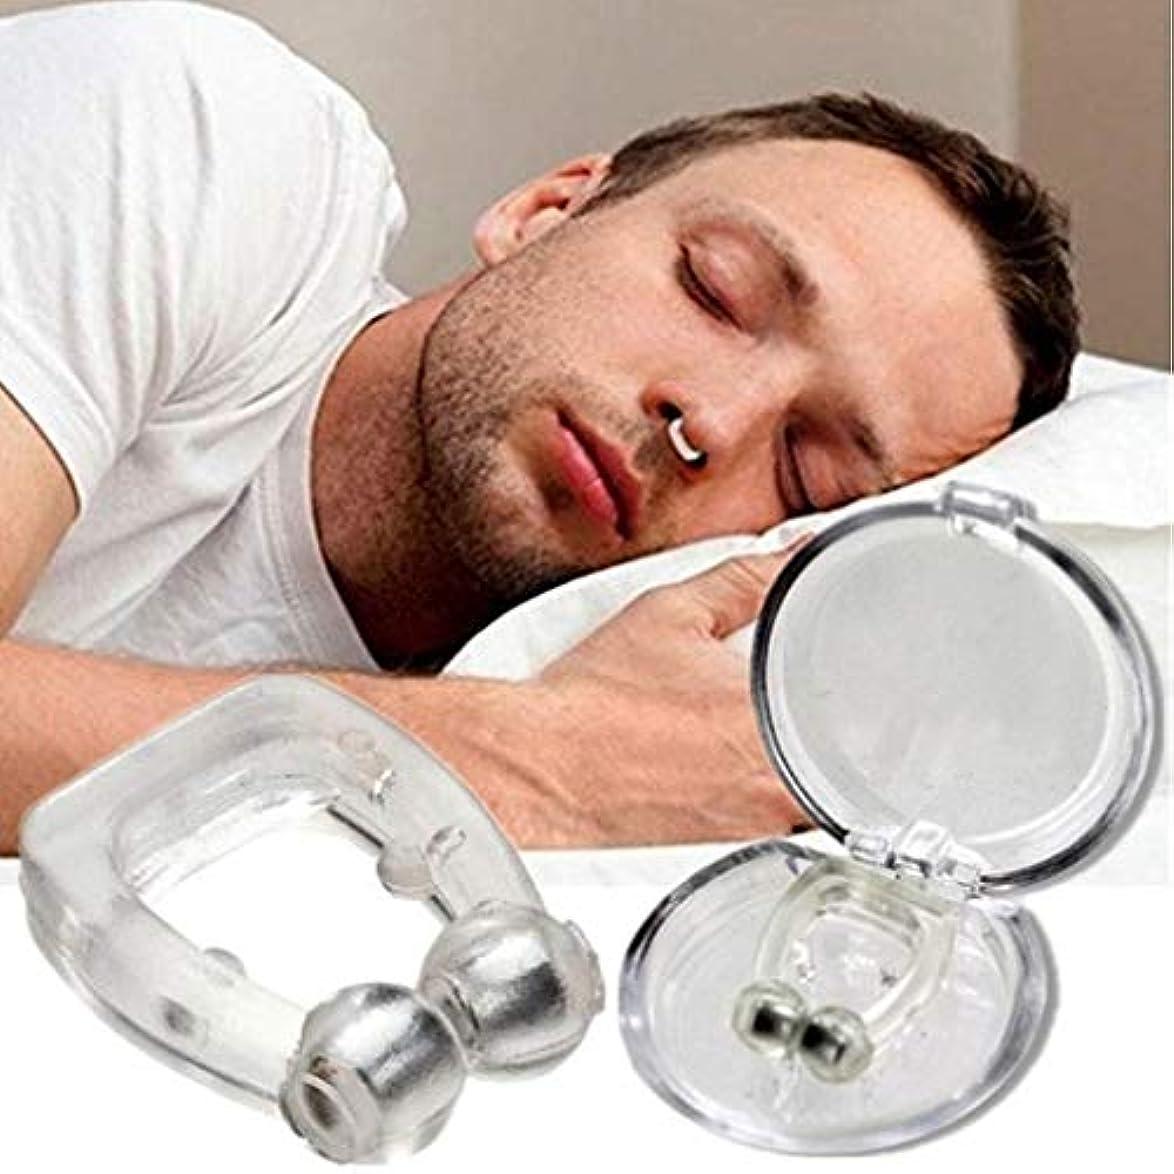 フライカイト顧問解釈するアンチいびきノーズクリップ-キャリーケース付き寝具